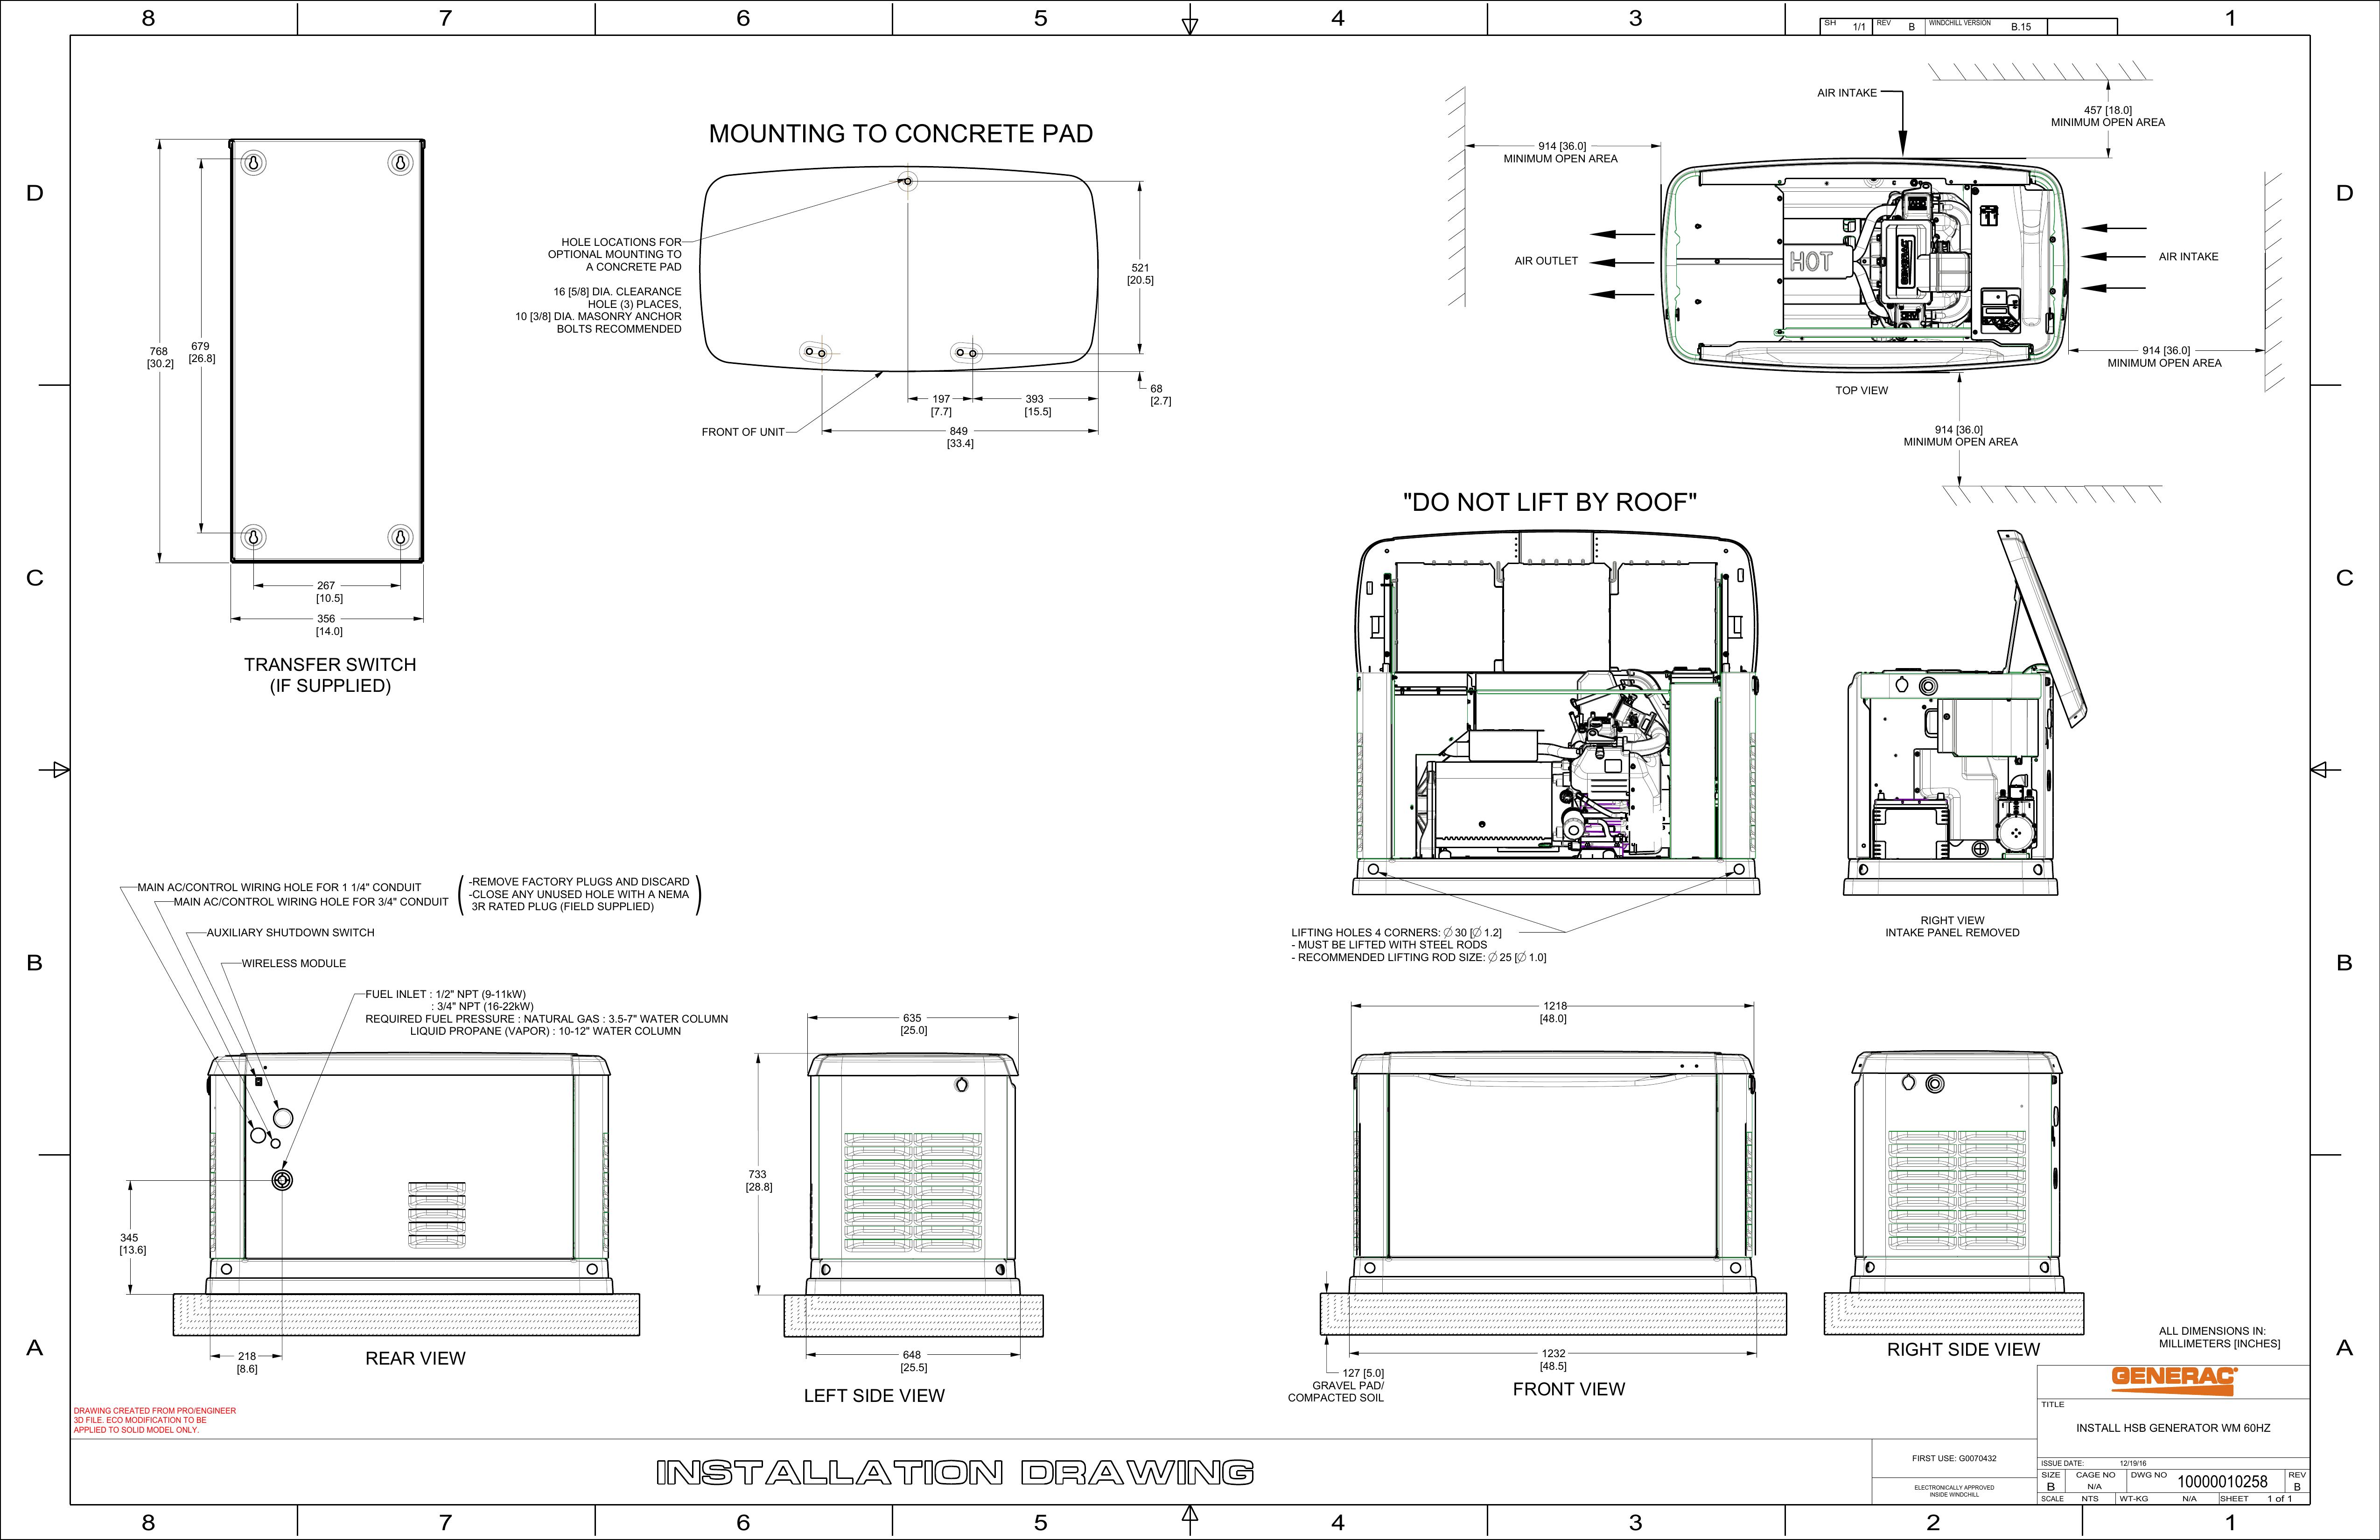 Generac 11 kW G0070311 Manual   Manualzz   Generac 11kw Generator Wiring Schematic      Manualzz